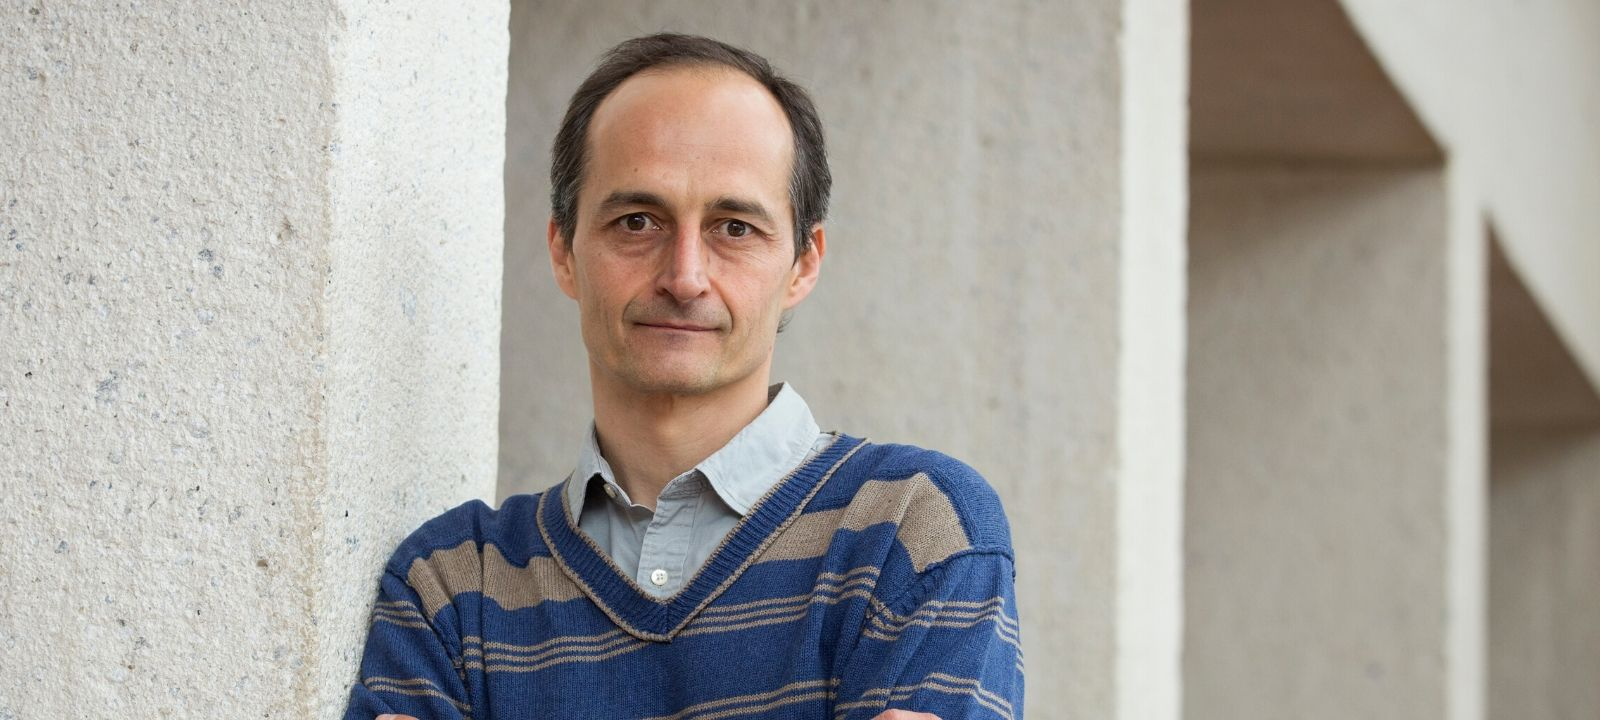 Pablo Arbeláez, profesor asociado del Departamento de Ingeniería Biomédica